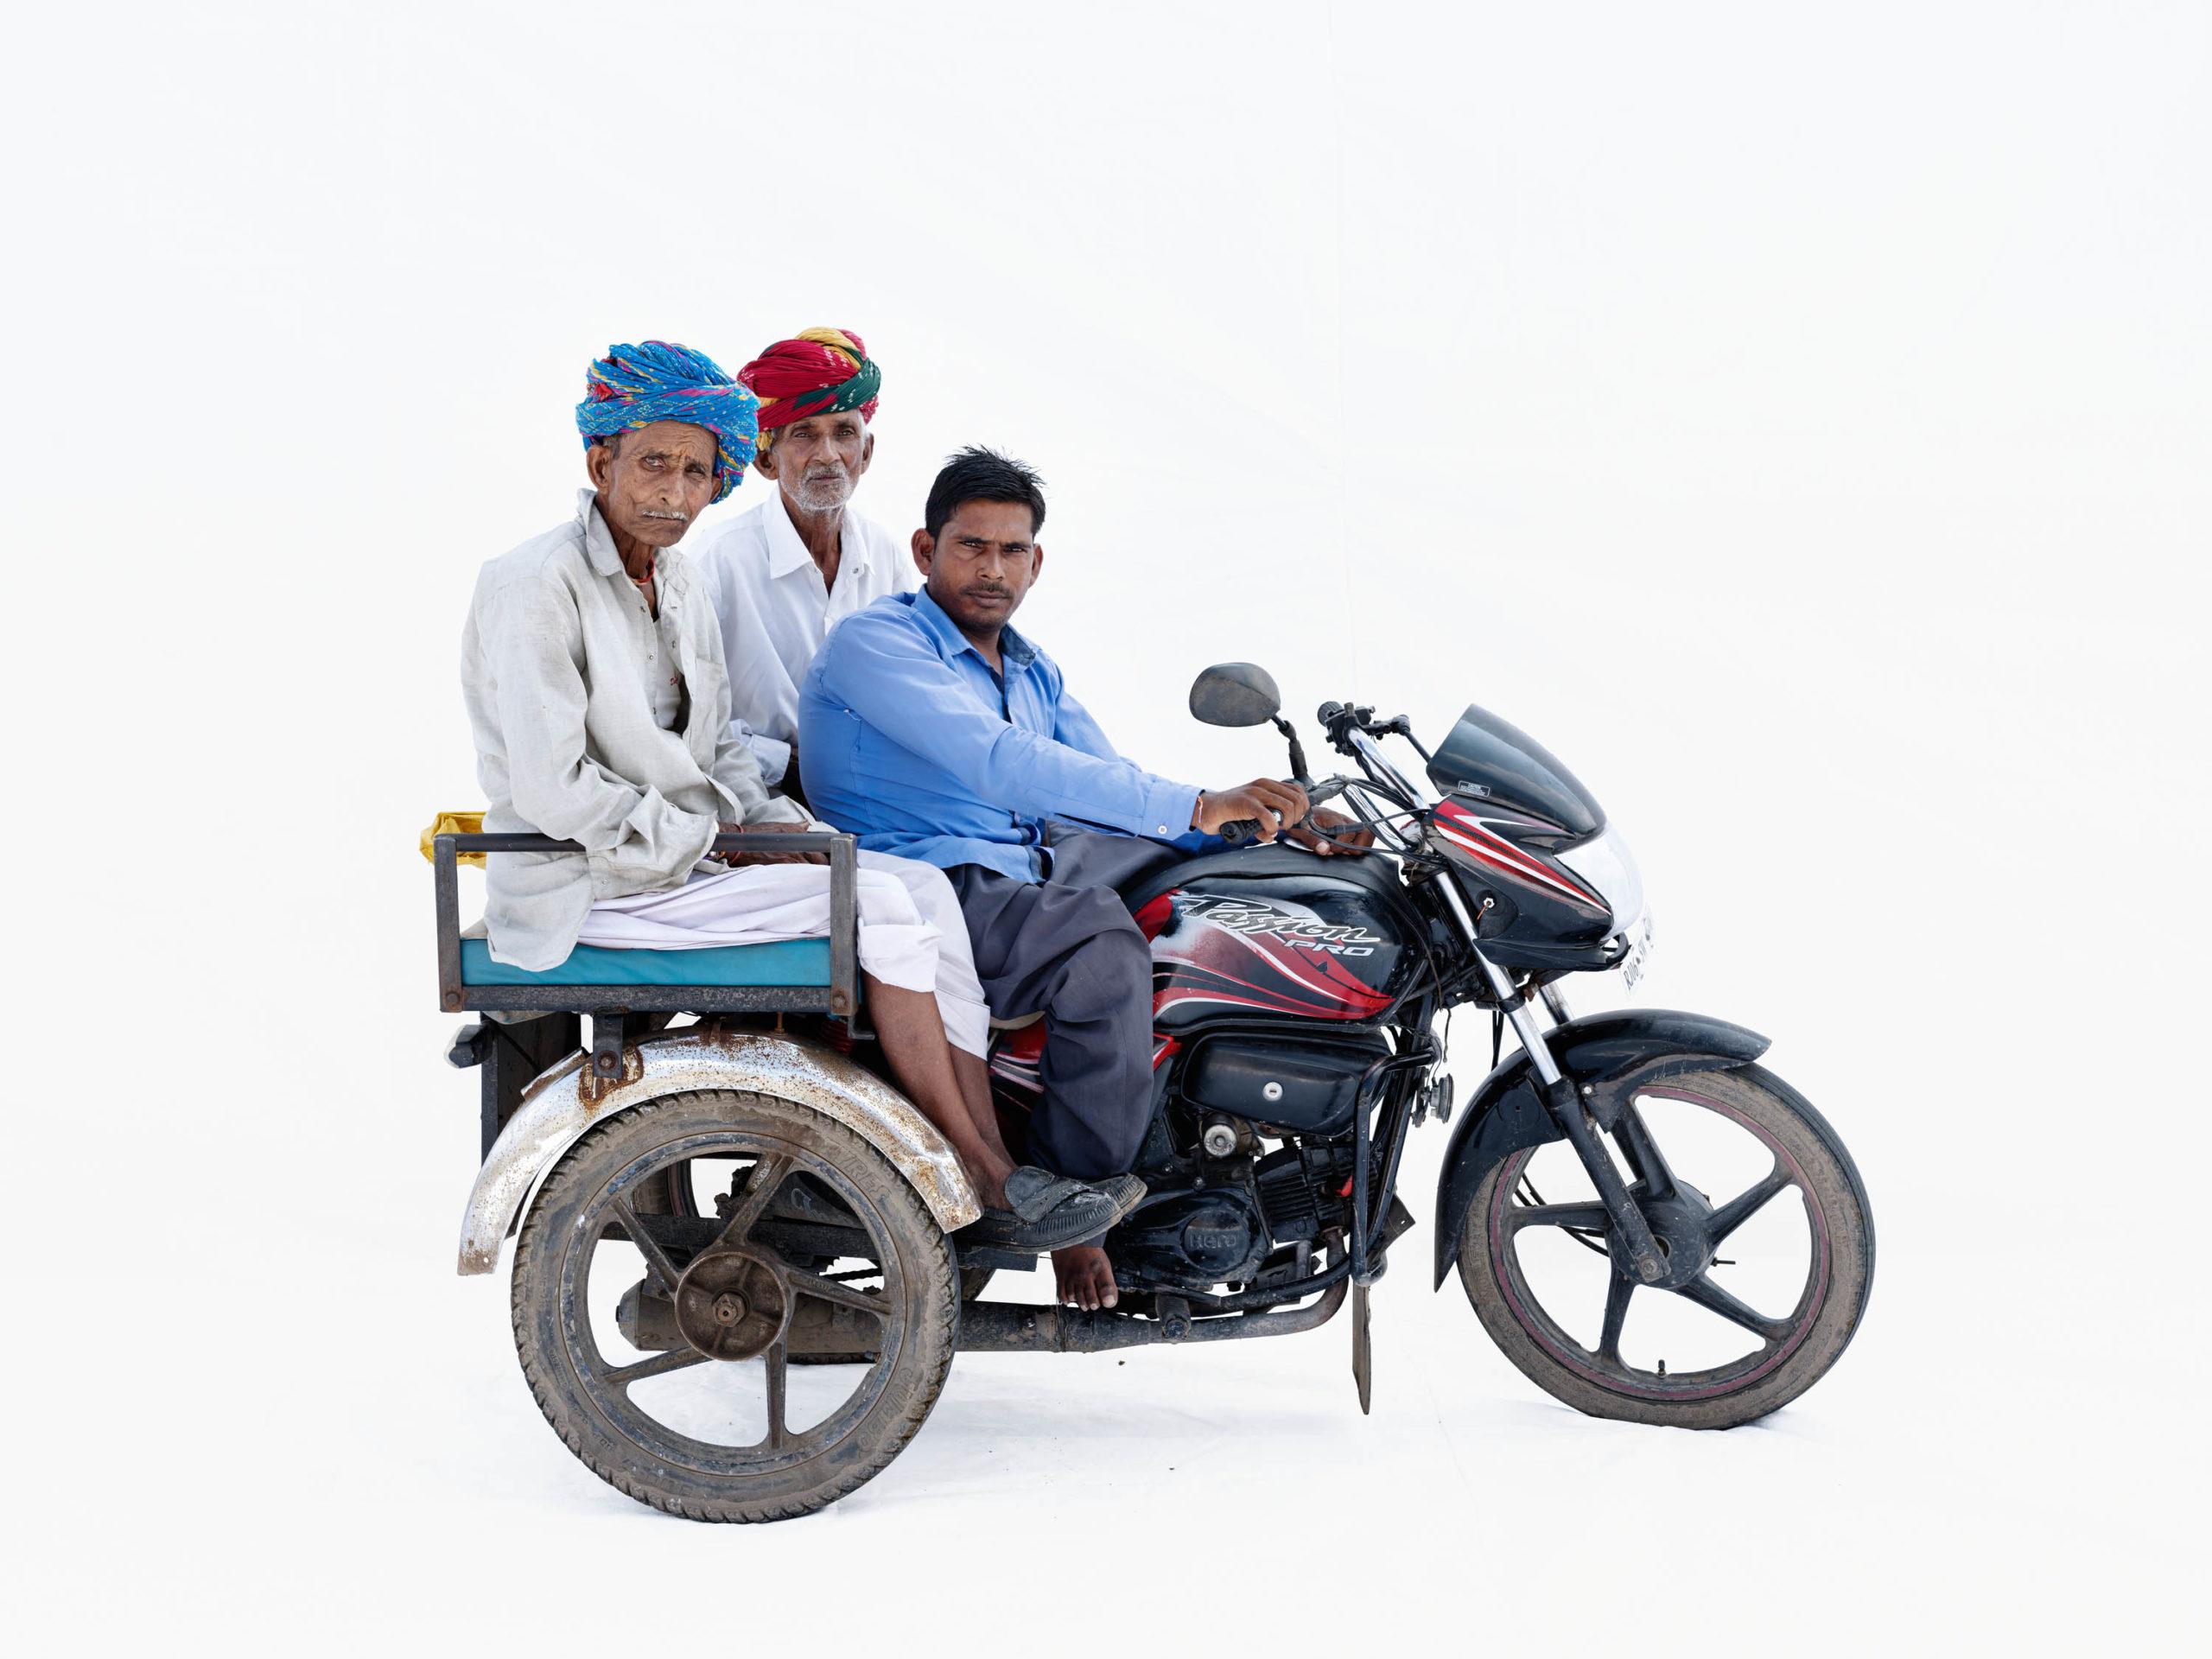 Hero Passion Pro; Radhesham Kir (driver), his father Rupaji Kir (left), his uncle Bhairuji Kir (Bhilwara, Rajasthan)